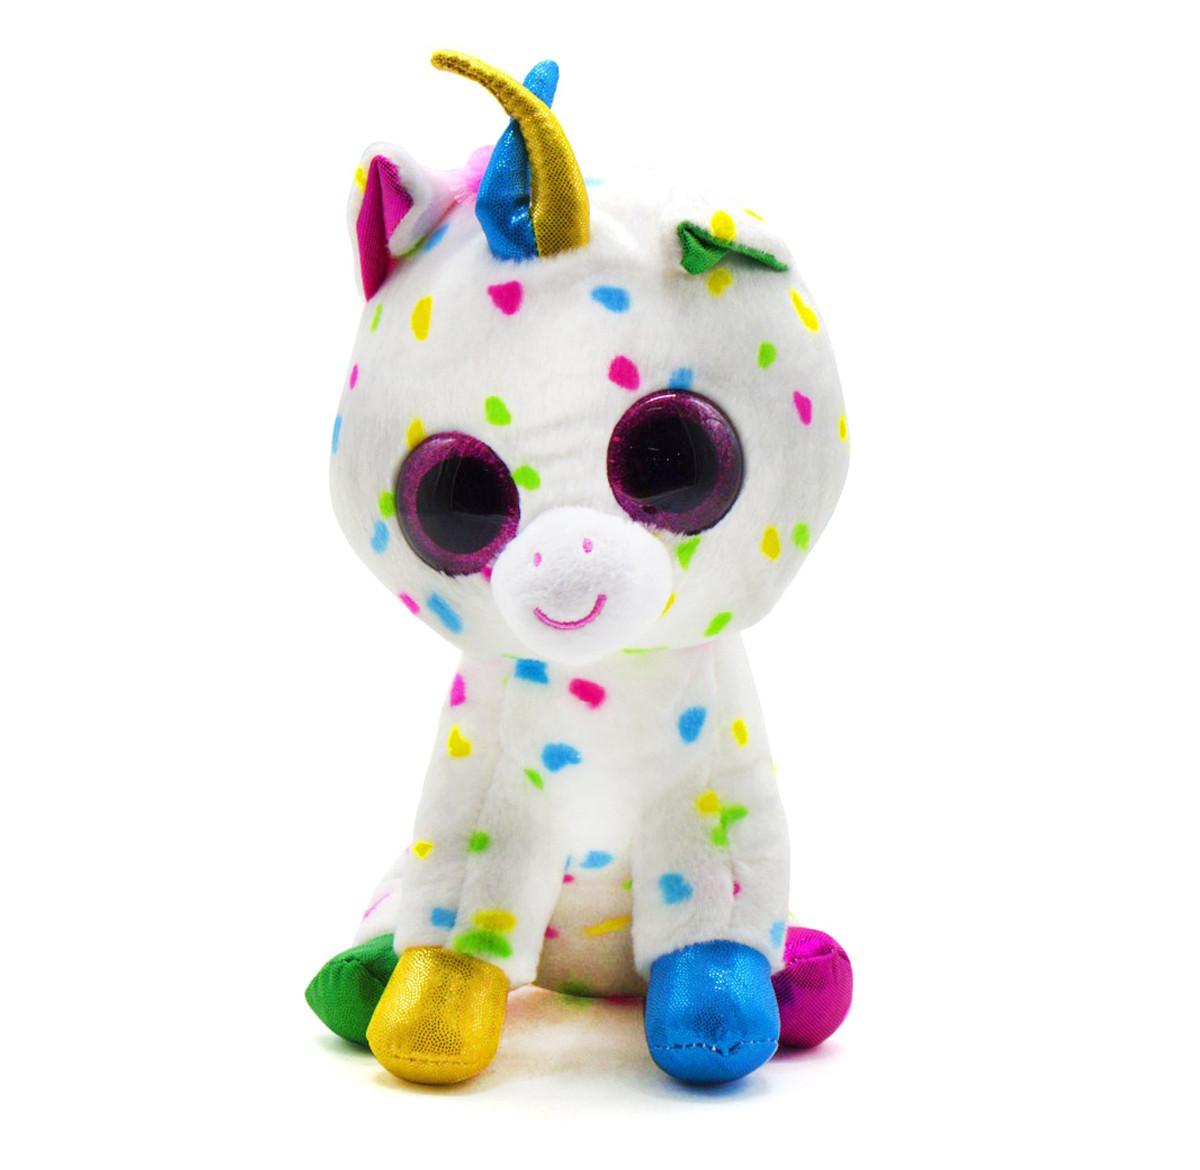 Мягкая игрушка Глазастик: Единорог, 24 см (белый)